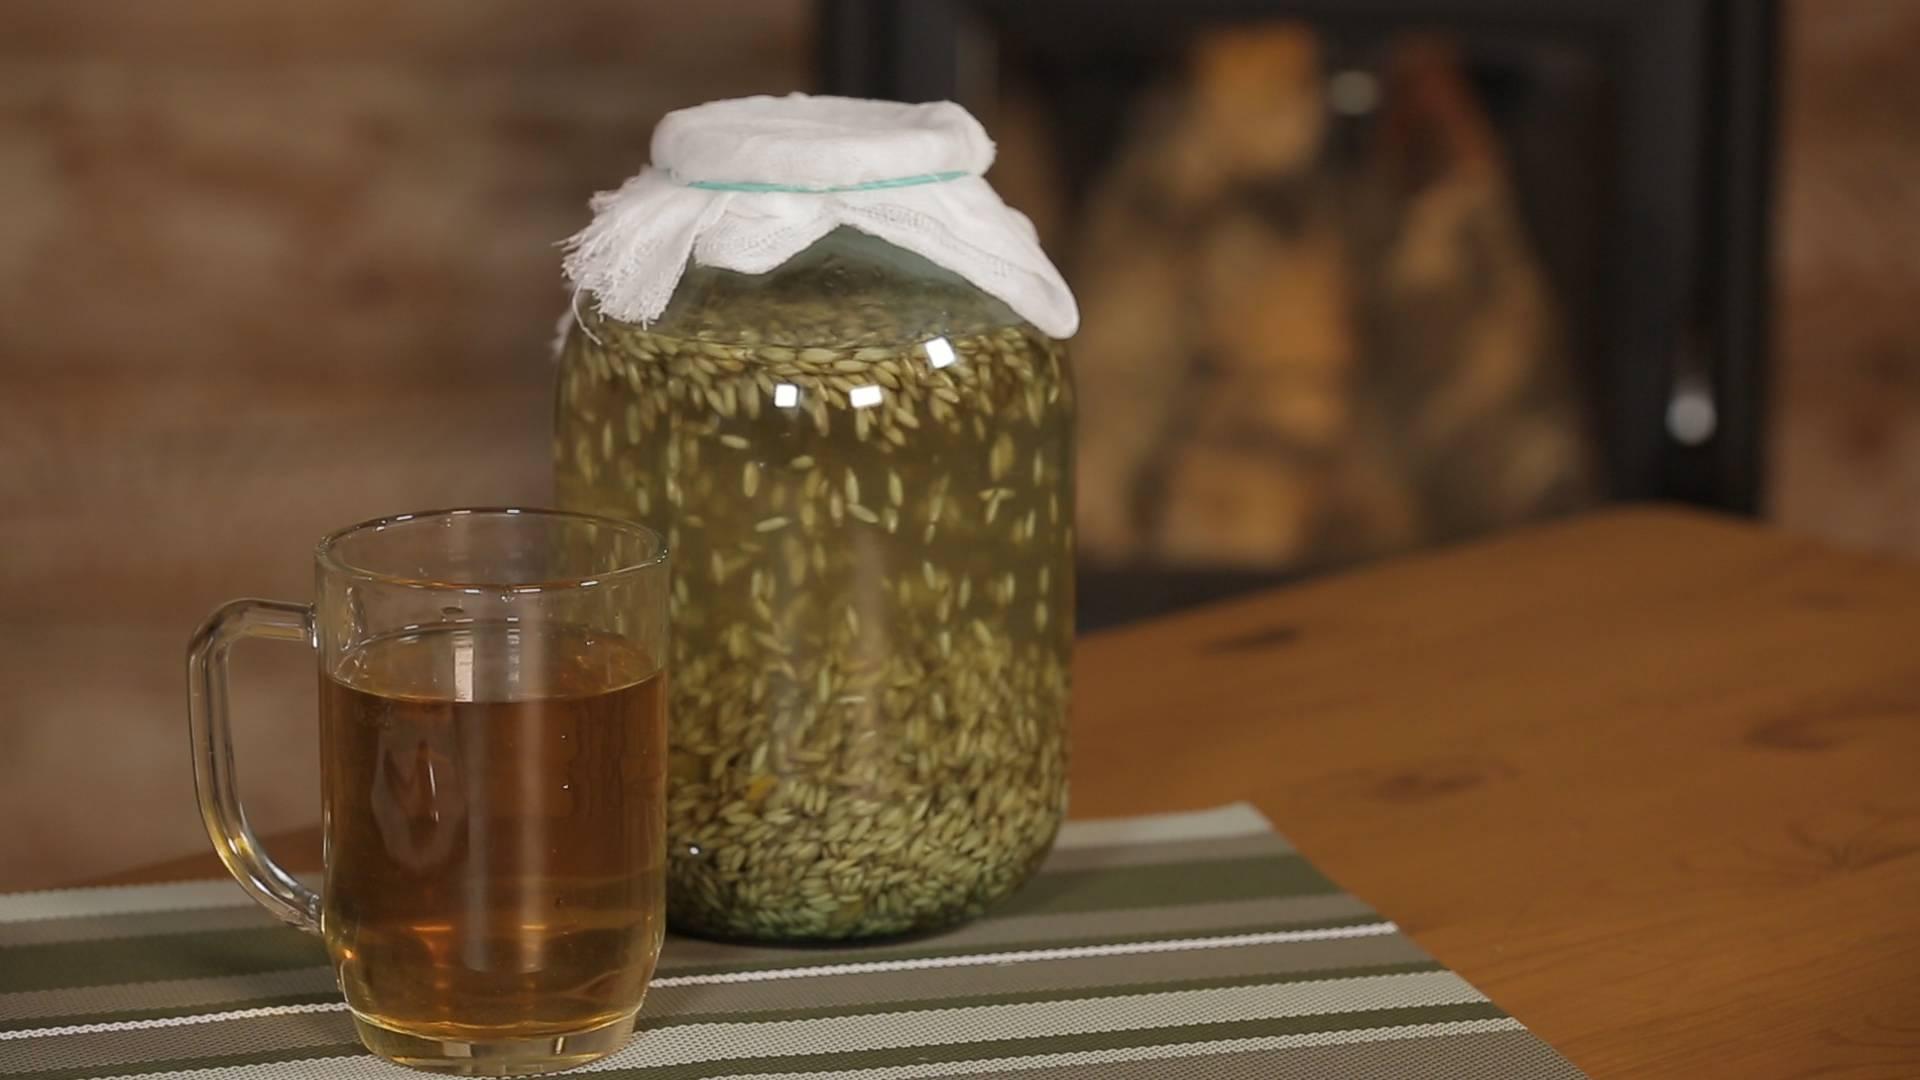 Березовый квас для бодрости и здоровья. лучшие домашние рецепты своими руками